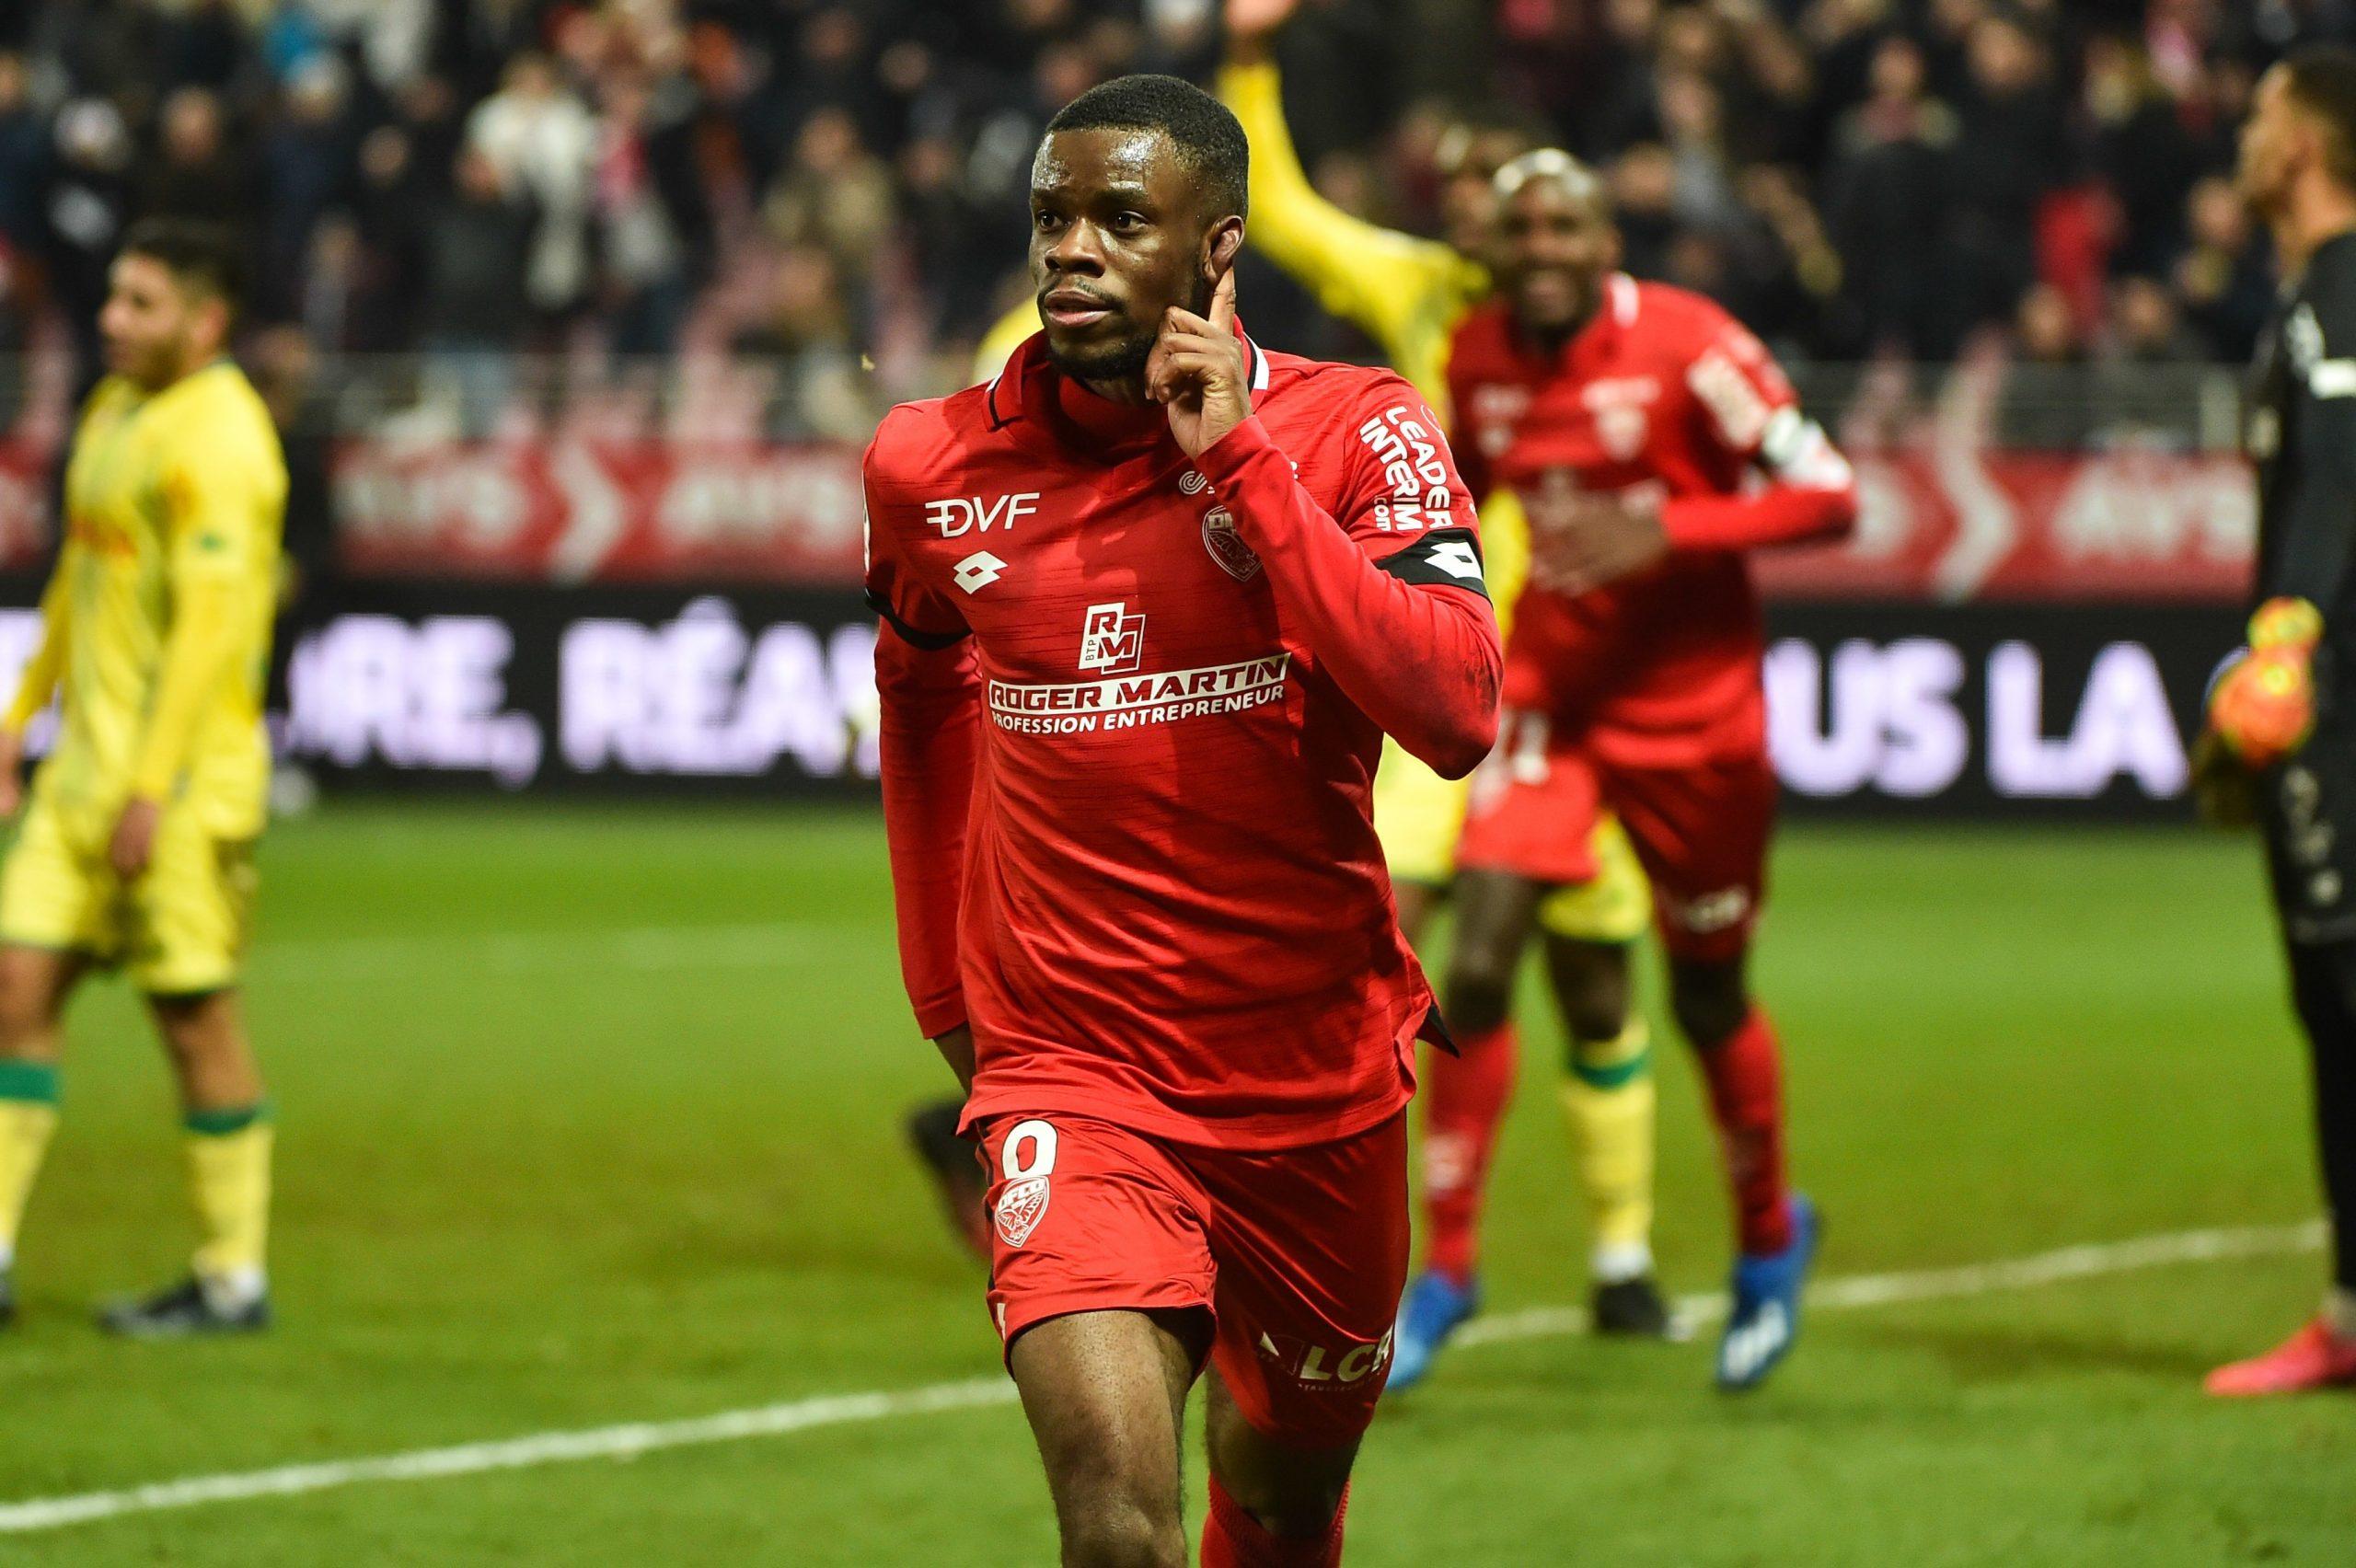 """PSG/Dijon - Mavididi rappelle que cela reste un match """"à onze contre onze"""""""